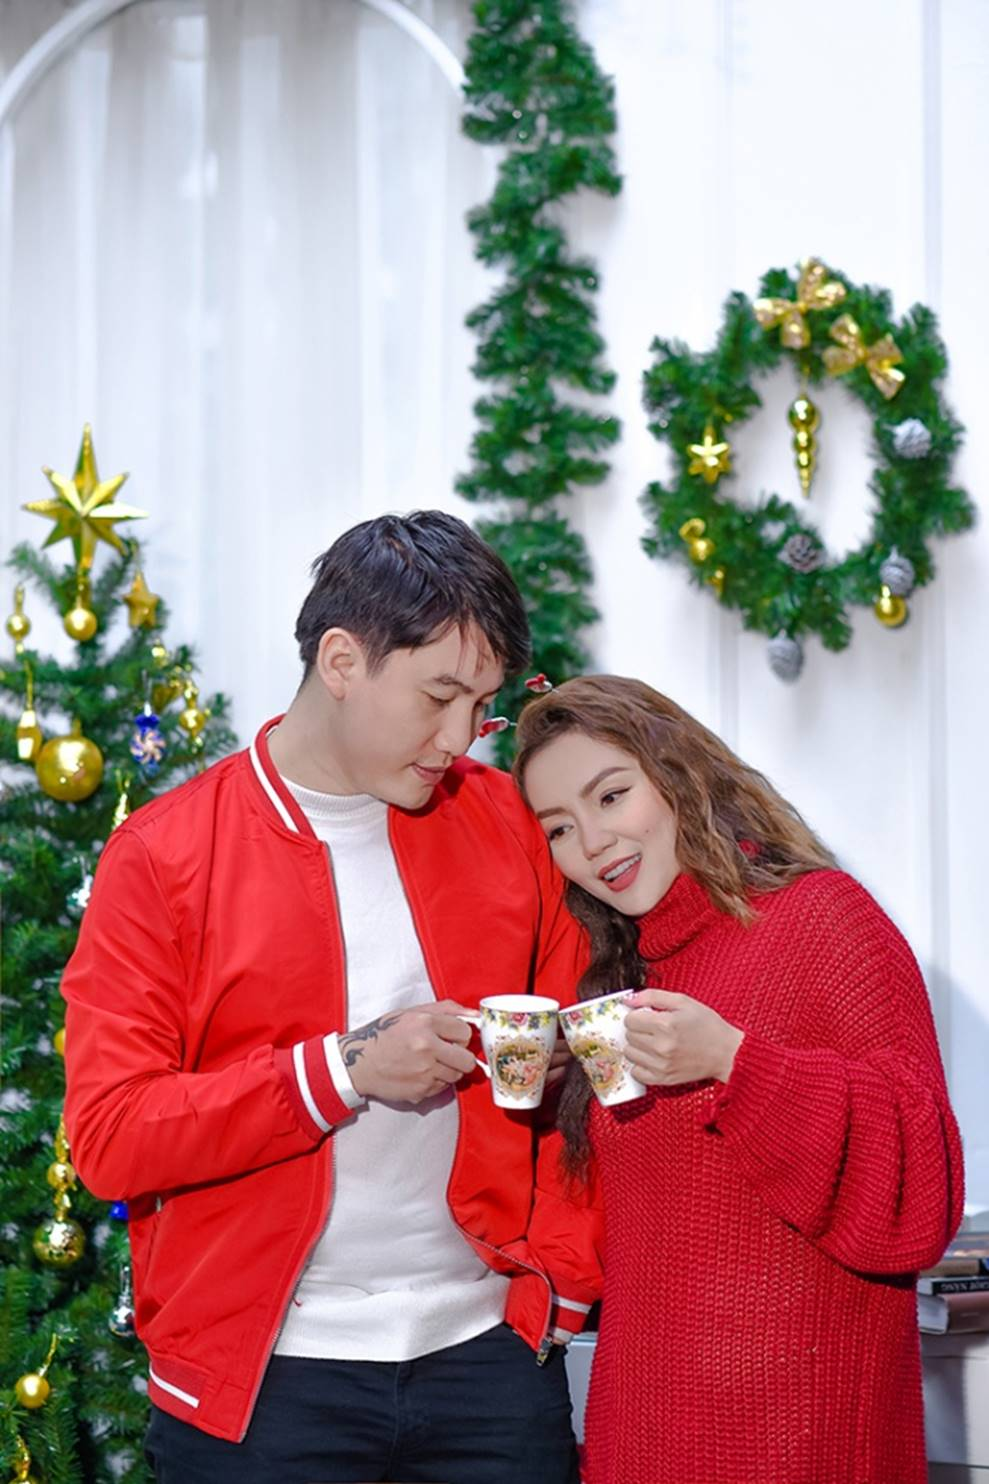 Ngọc Anh tình tứ cùng bạn trai tin đồn ít tuổi trong bộ ảnh Giáng sinh-2